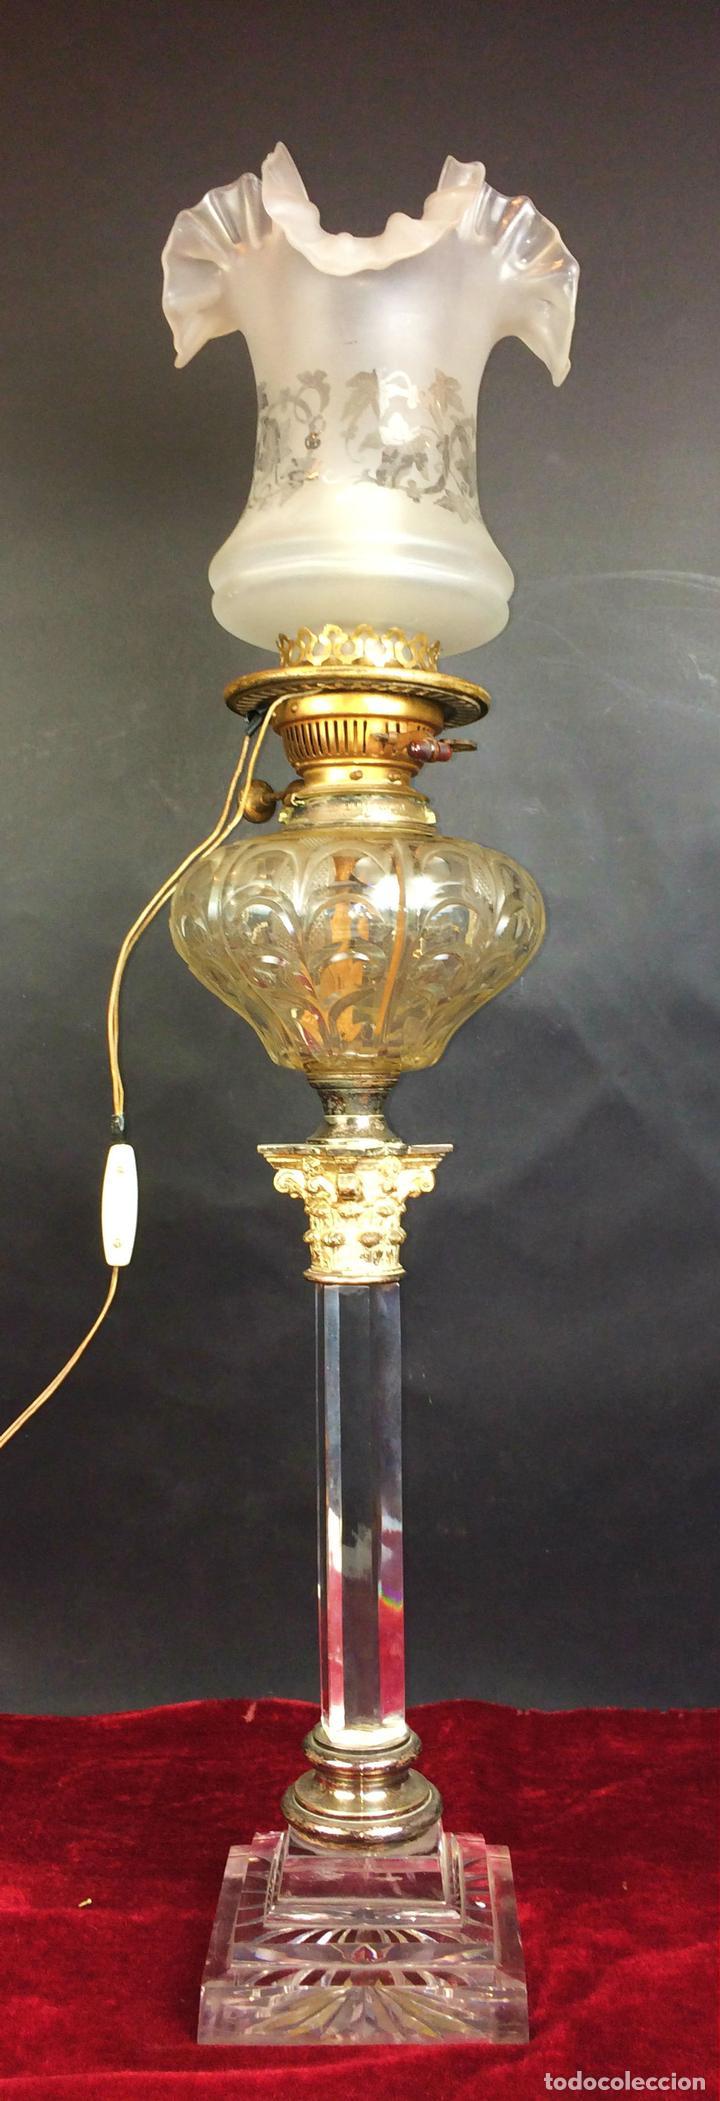 QUINQUÉ. COLUMNA CLÁSICA. CRISTAL Y METAL PLATEADO. EVERED CO. INGLATERRA. 1850 (Antigüedades - Iluminación - Quinqués Antiguos)